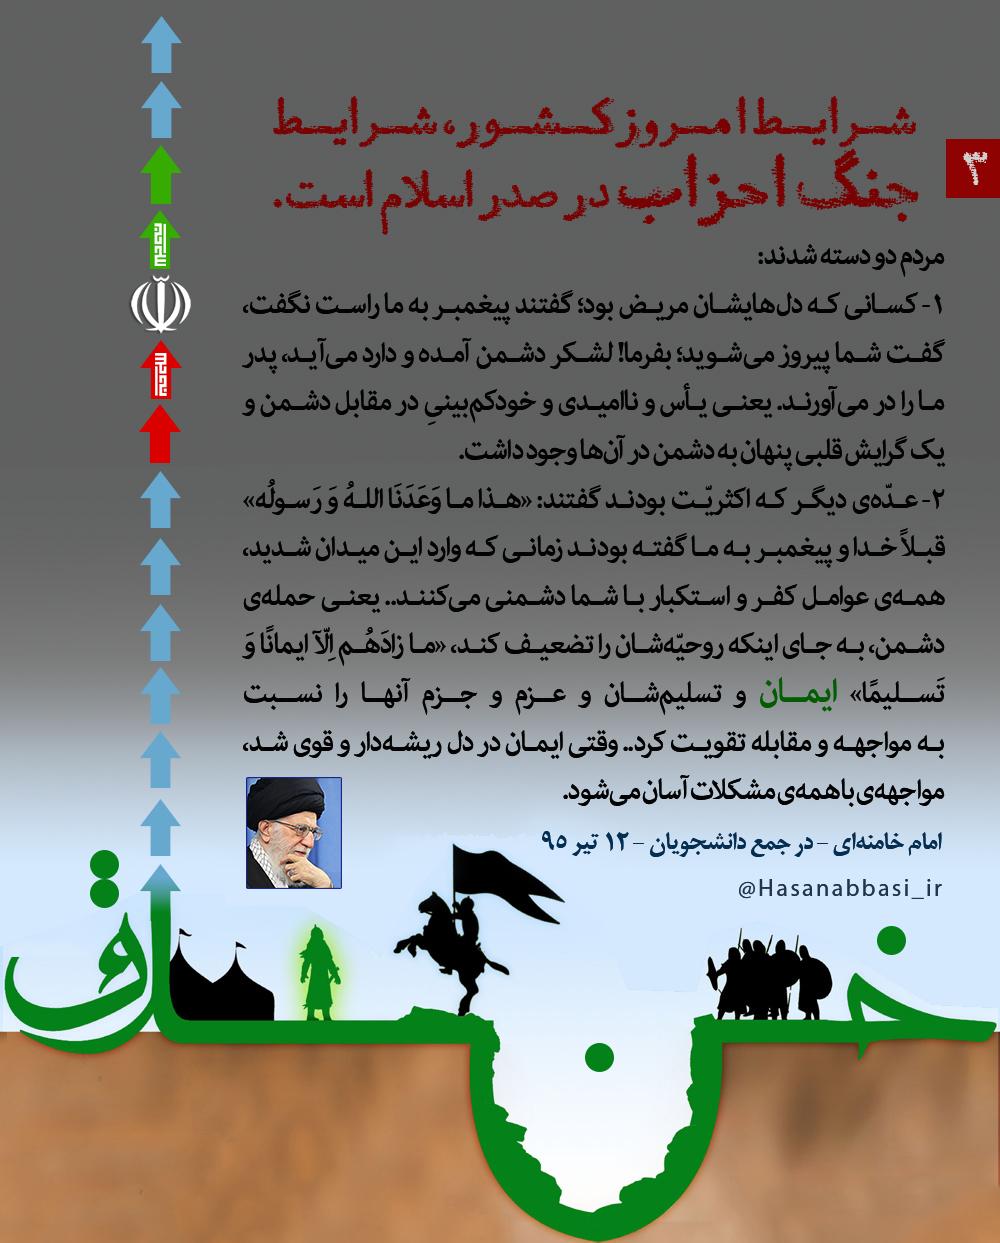 Ahzab3 شرایط امروز کشور، شرایط جنگ احزاب است